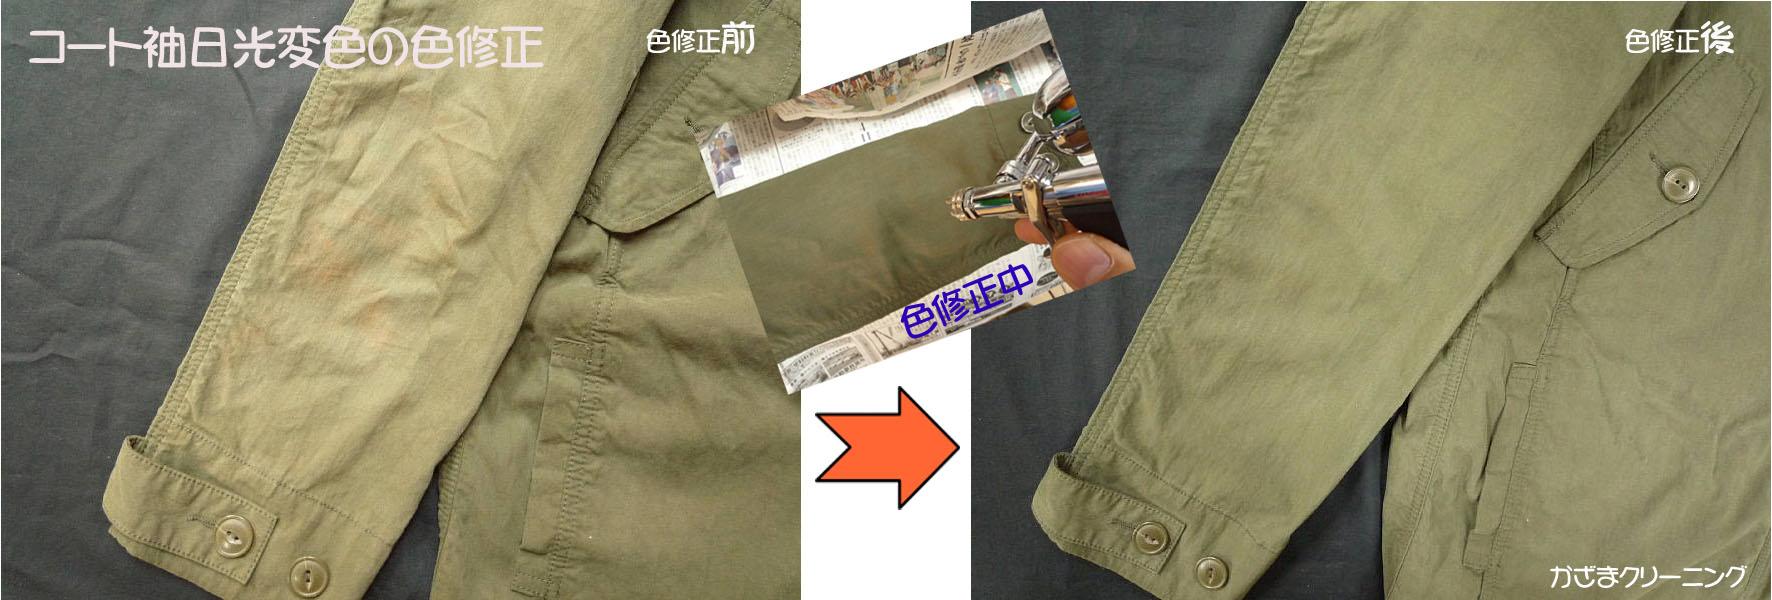 コート袖日光変色の色修正